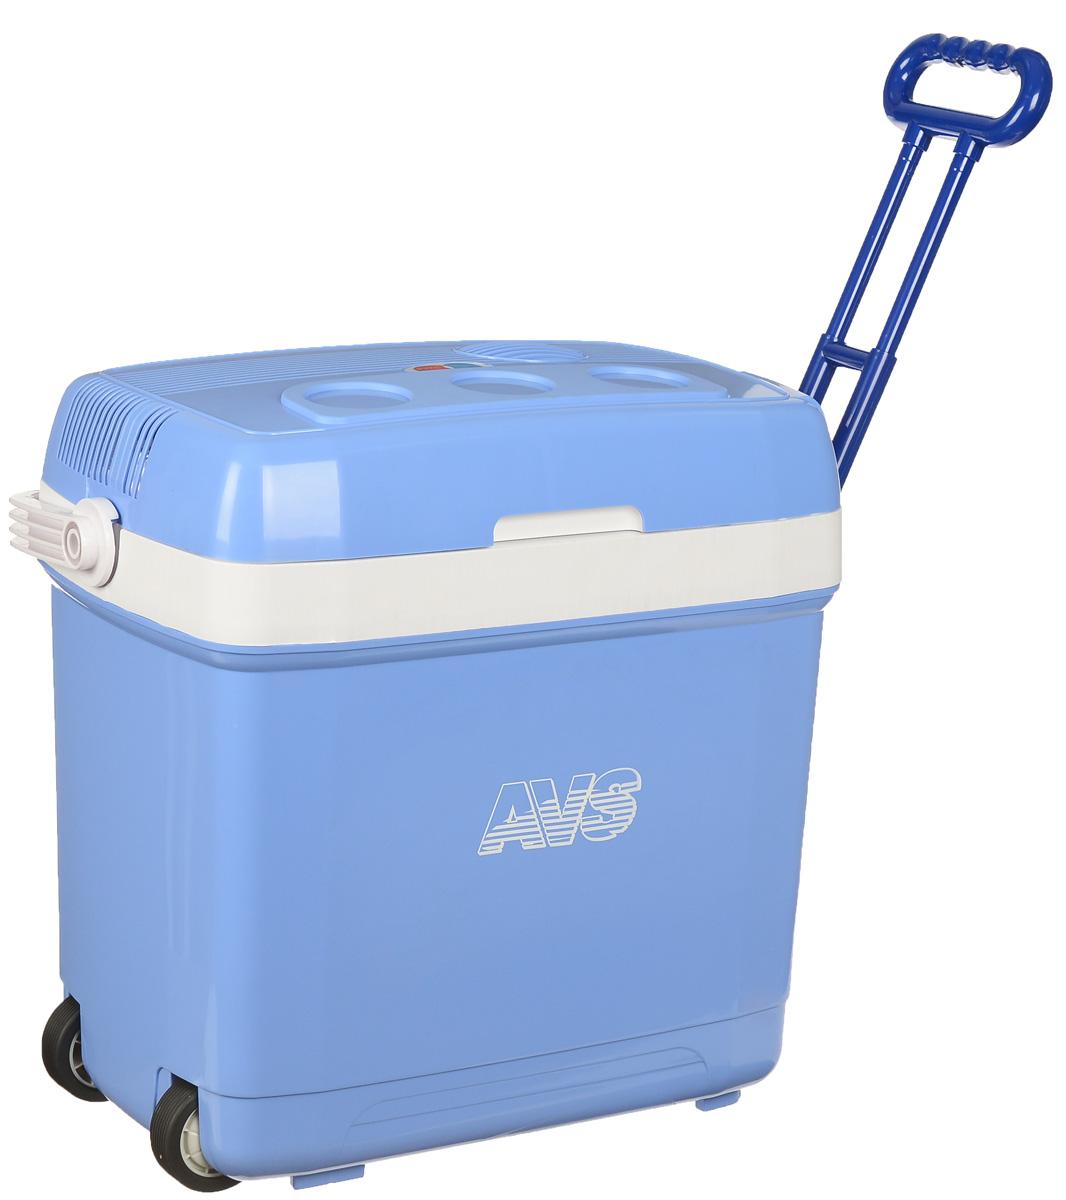 Холодильник автомобильный AVS CC-30B, с ручкой и колесиками, 30 лCDF-16Автомобильный холодильник AVS CC-30В - это незаменимый аксессуар для всех автомобилистов, которые долгое время проводят в дороге. Позволяет сохранить продукты и напитки, которые вы собираетесь взять в дальнюю поездку.Холодильник изготовлен из высокопрочной пластмассы. Вся изоляция выполнена из экологически чистых материалов. Устройство холодильника позволяет переключаться в режим нагрева с увеличением температуры внутри камеры до 65°С.Работает без компрессора и имеет встроенный контроль за состоянием аккумулятора автомобиля. Плотно прилегающая и фиксируемая крышка позволяет использовать холодильник с наибольшим КПД.Для наилучшего рекомендуется использовать аккумуляторы холода AVS.Питание: 220 В/12 В.Мощность в режиме охлаждения: 42 Вт.Емкость: 30 л.Принцип работы по эффекту Пельтье.Максимальное охлаждение: 15-18°С от температуры окружающей среды.Максимальный нагрев: до 65°С.Минимальная температура охлаждения: +5°С (при температуре окружающей среды не выше +23°С и непрерывной работе не менее 3 часов).Подстаканники на верхней крышке.Оснащен колесиками и ручкой.Вес: 6,25 кг.